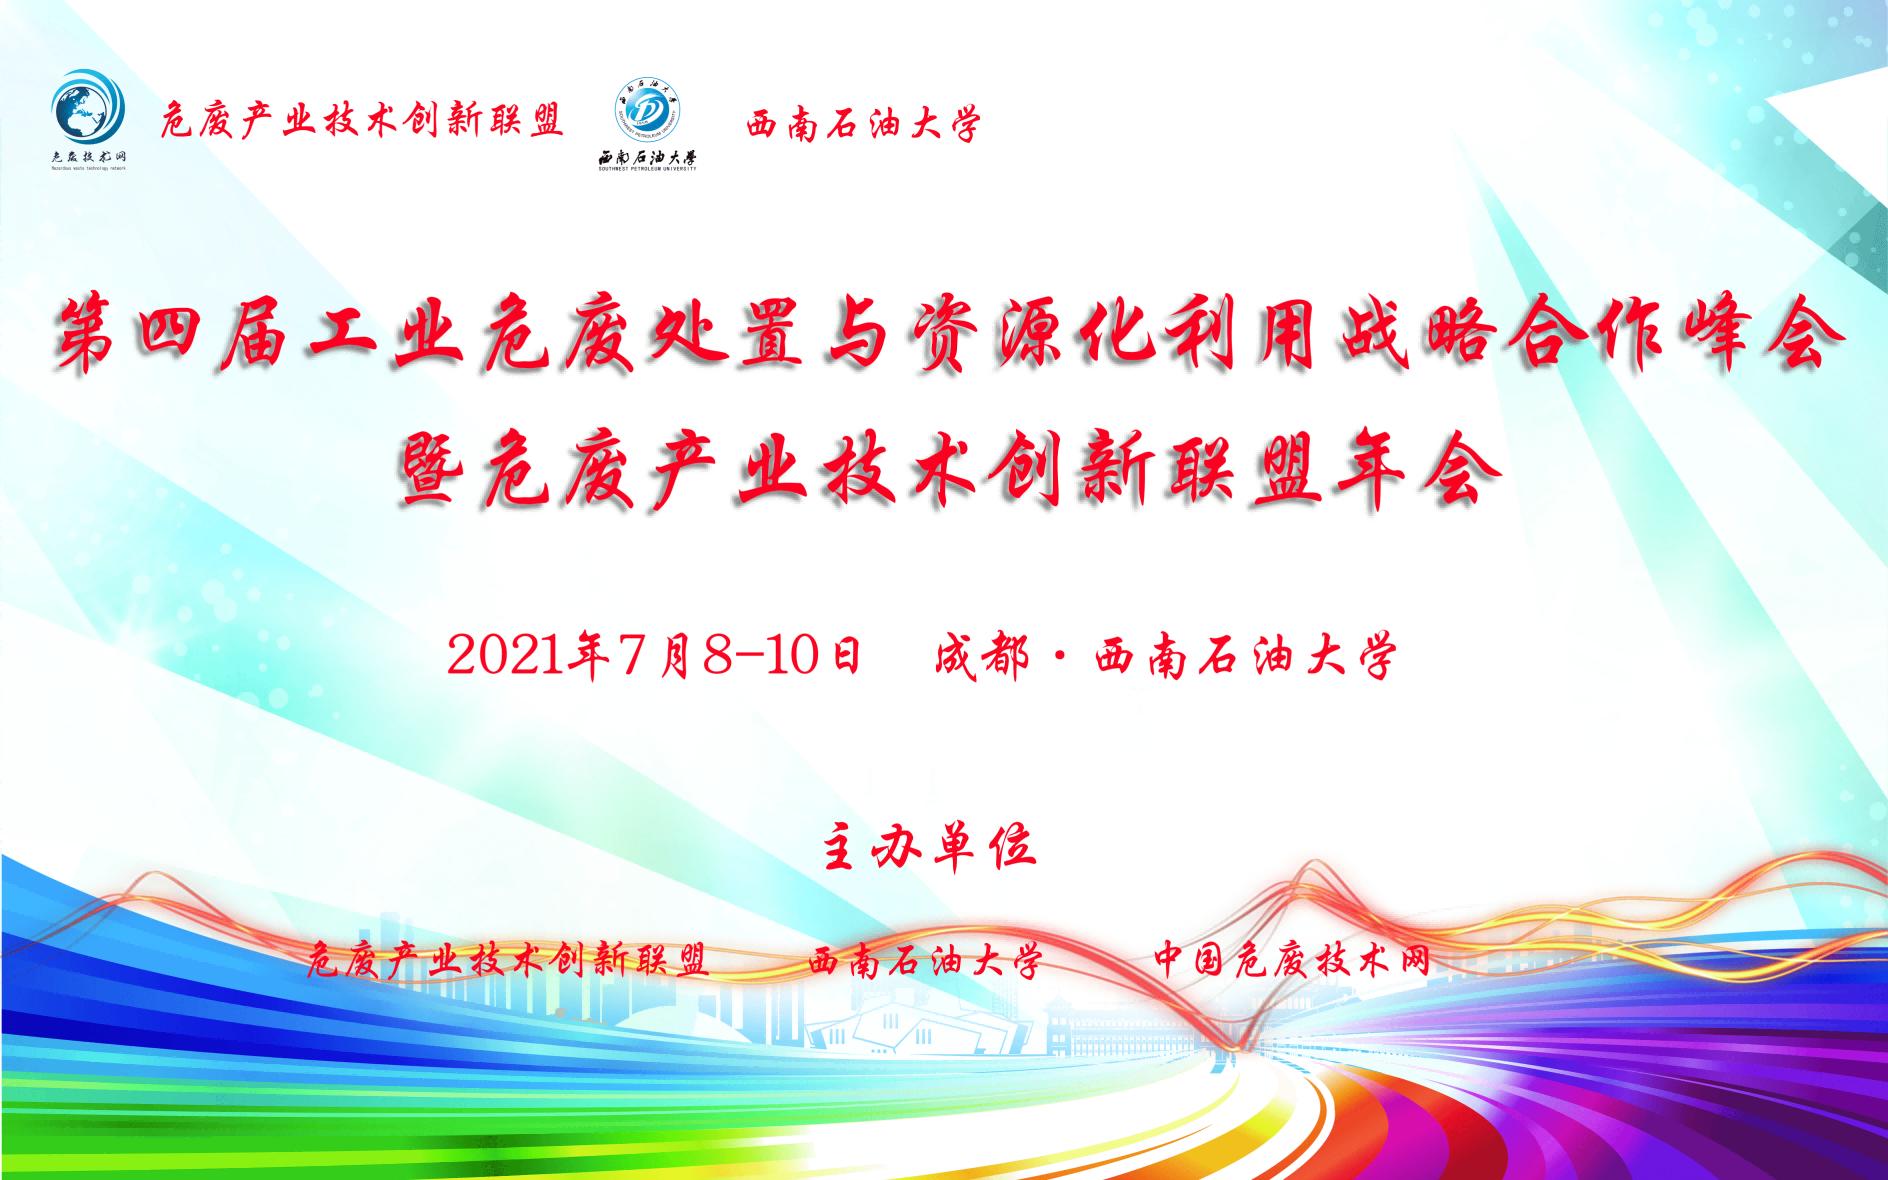 第四届工业危废处置与资源化利用战略合作峰会暨危废产业技术创新联盟年会